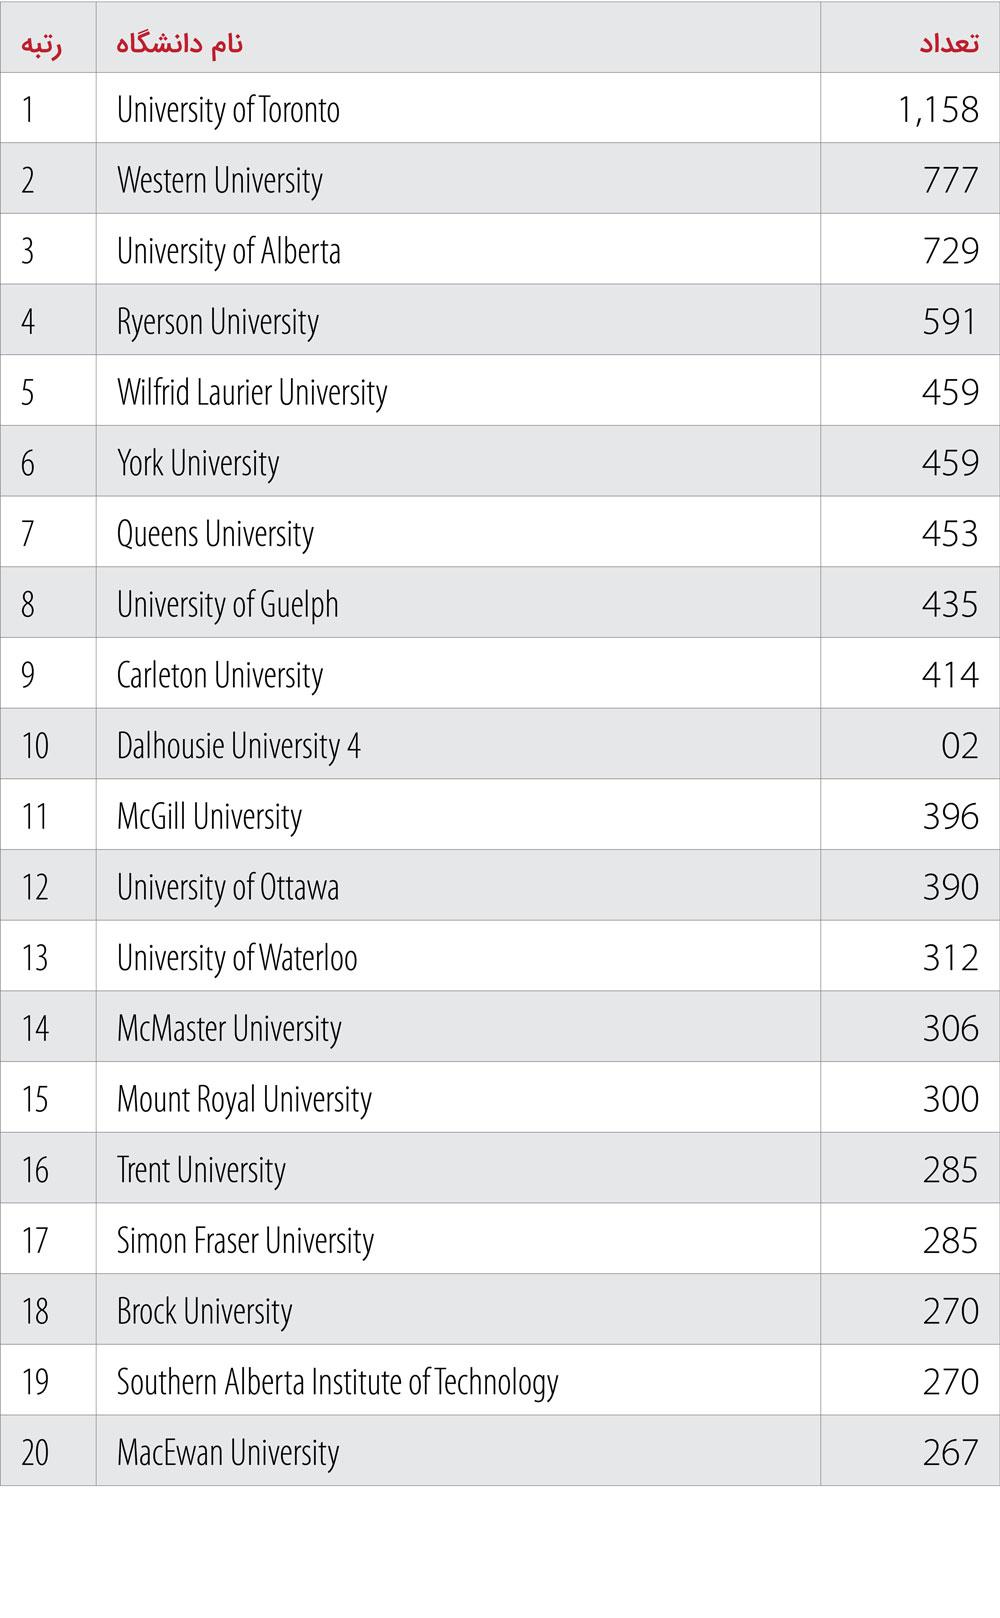 فهرست ۲۰ دانشگاه کانادا با بیشترین دانشجوی شوگربیبی